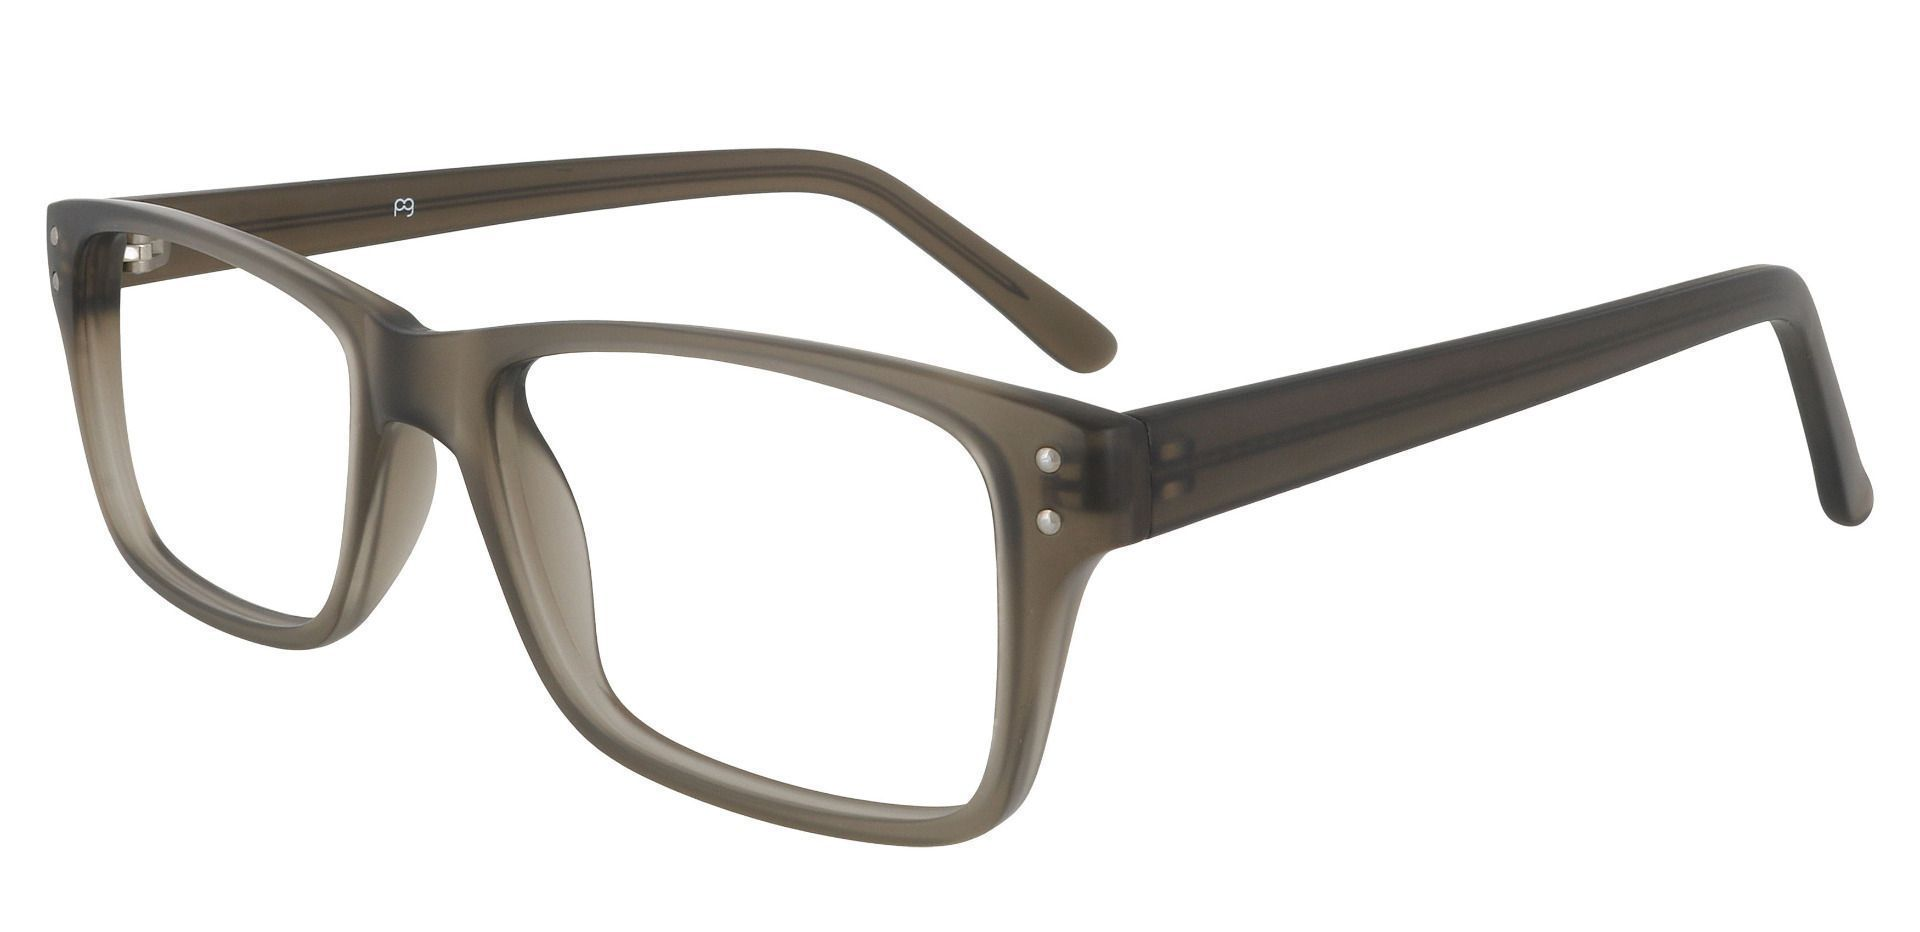 Fabian Rectangle Prescription Glasses - Gray